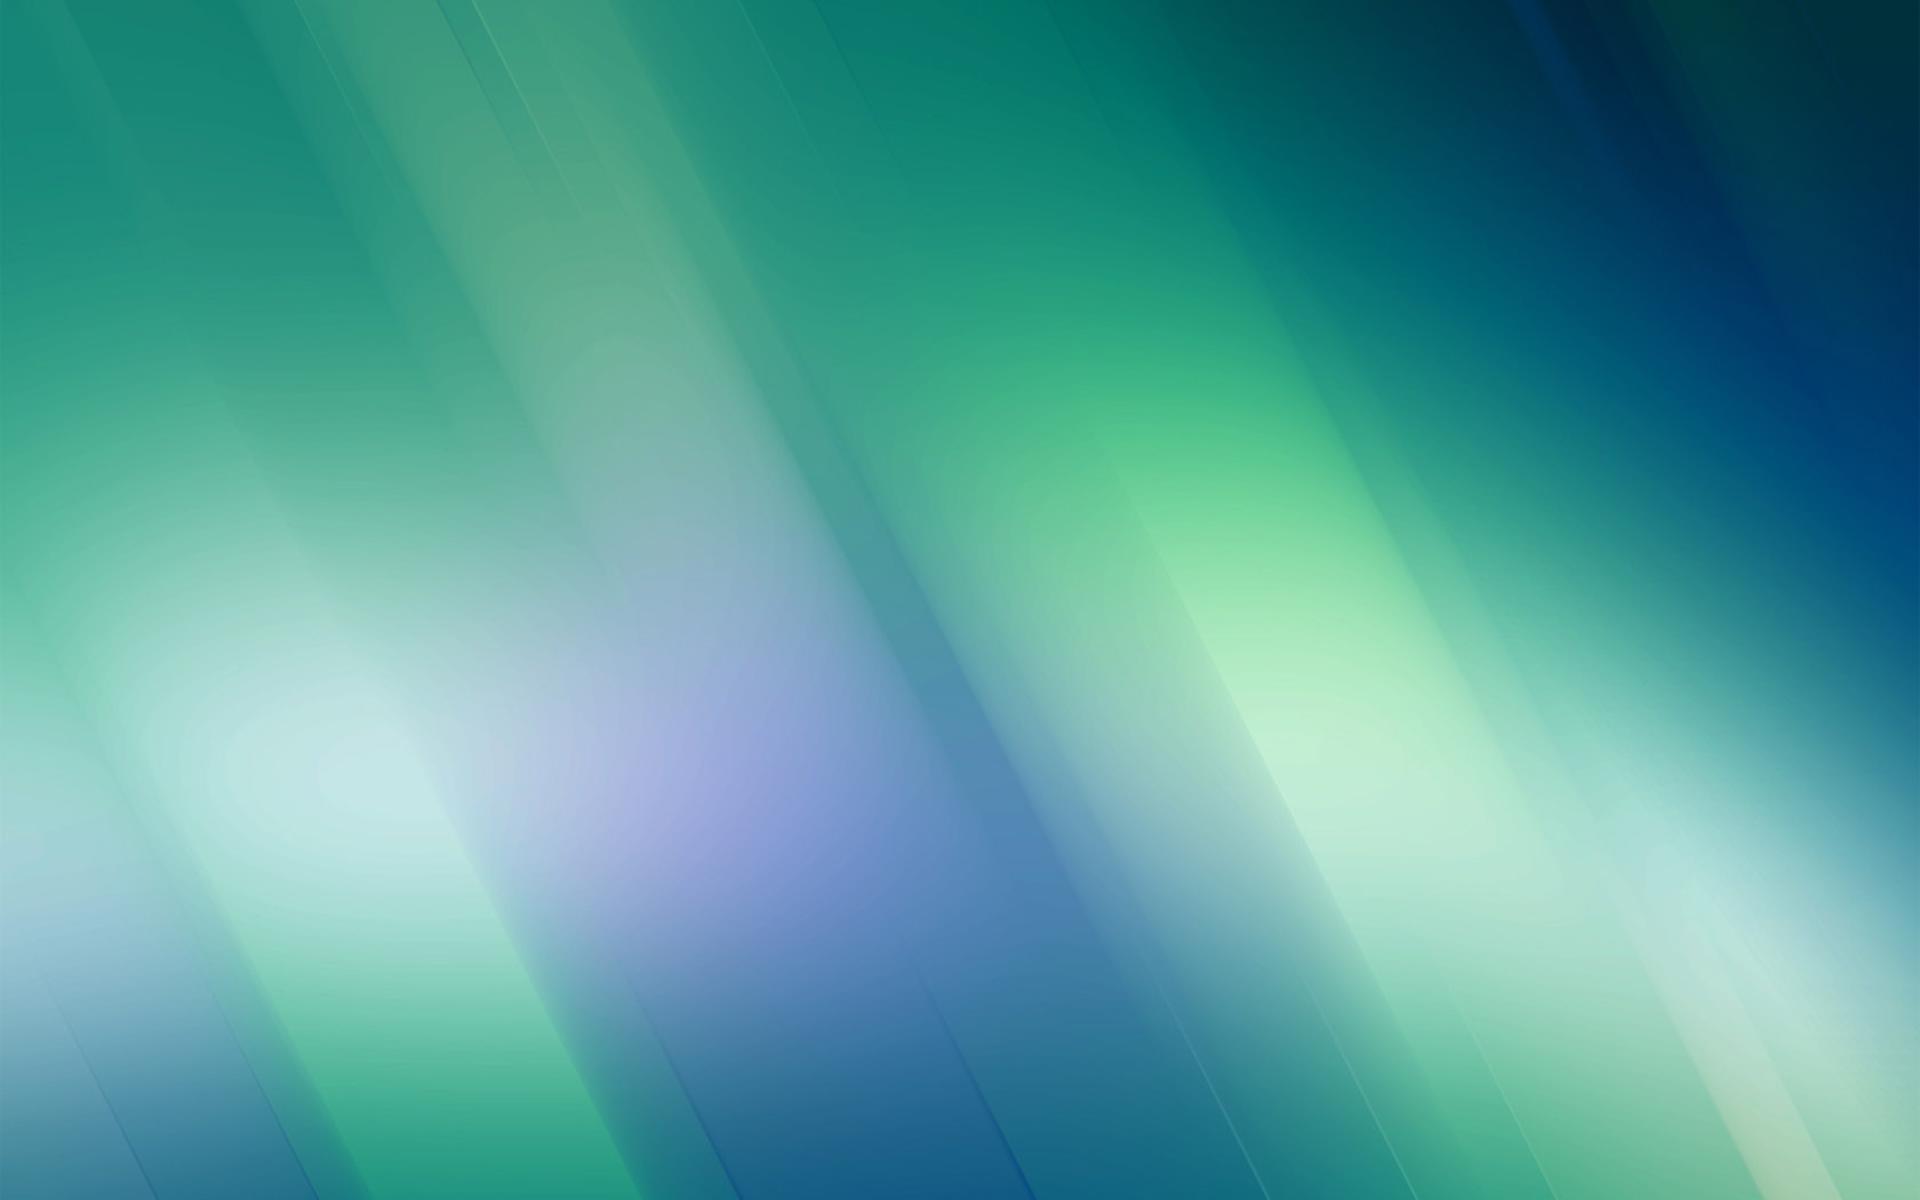 Free Motion Blur Wallpaper 37071 2560x1600 px